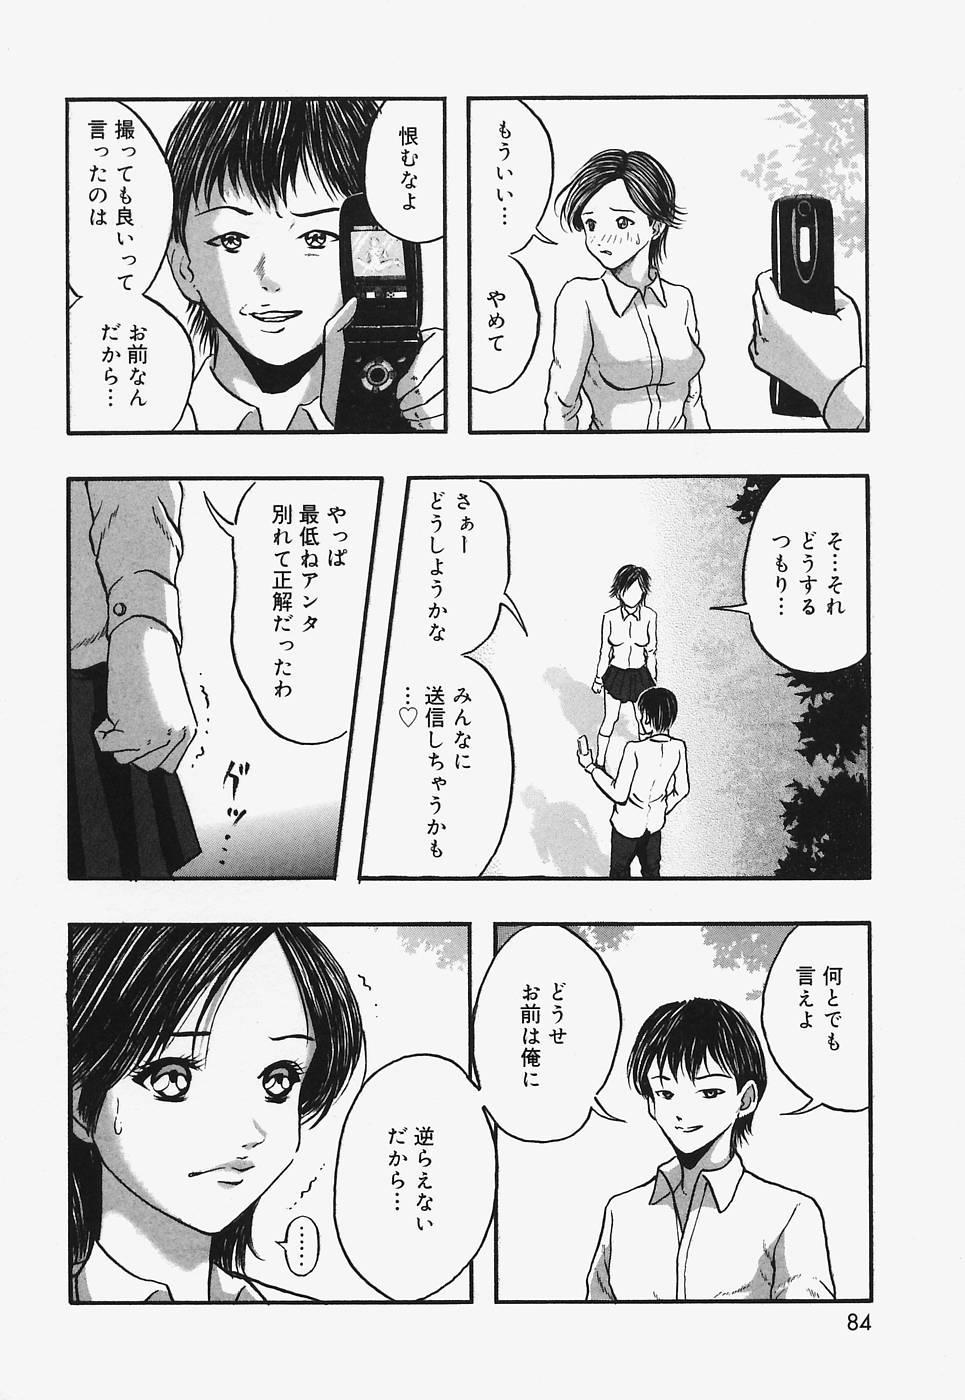 Nurunuru Syoujyo Jiru 83